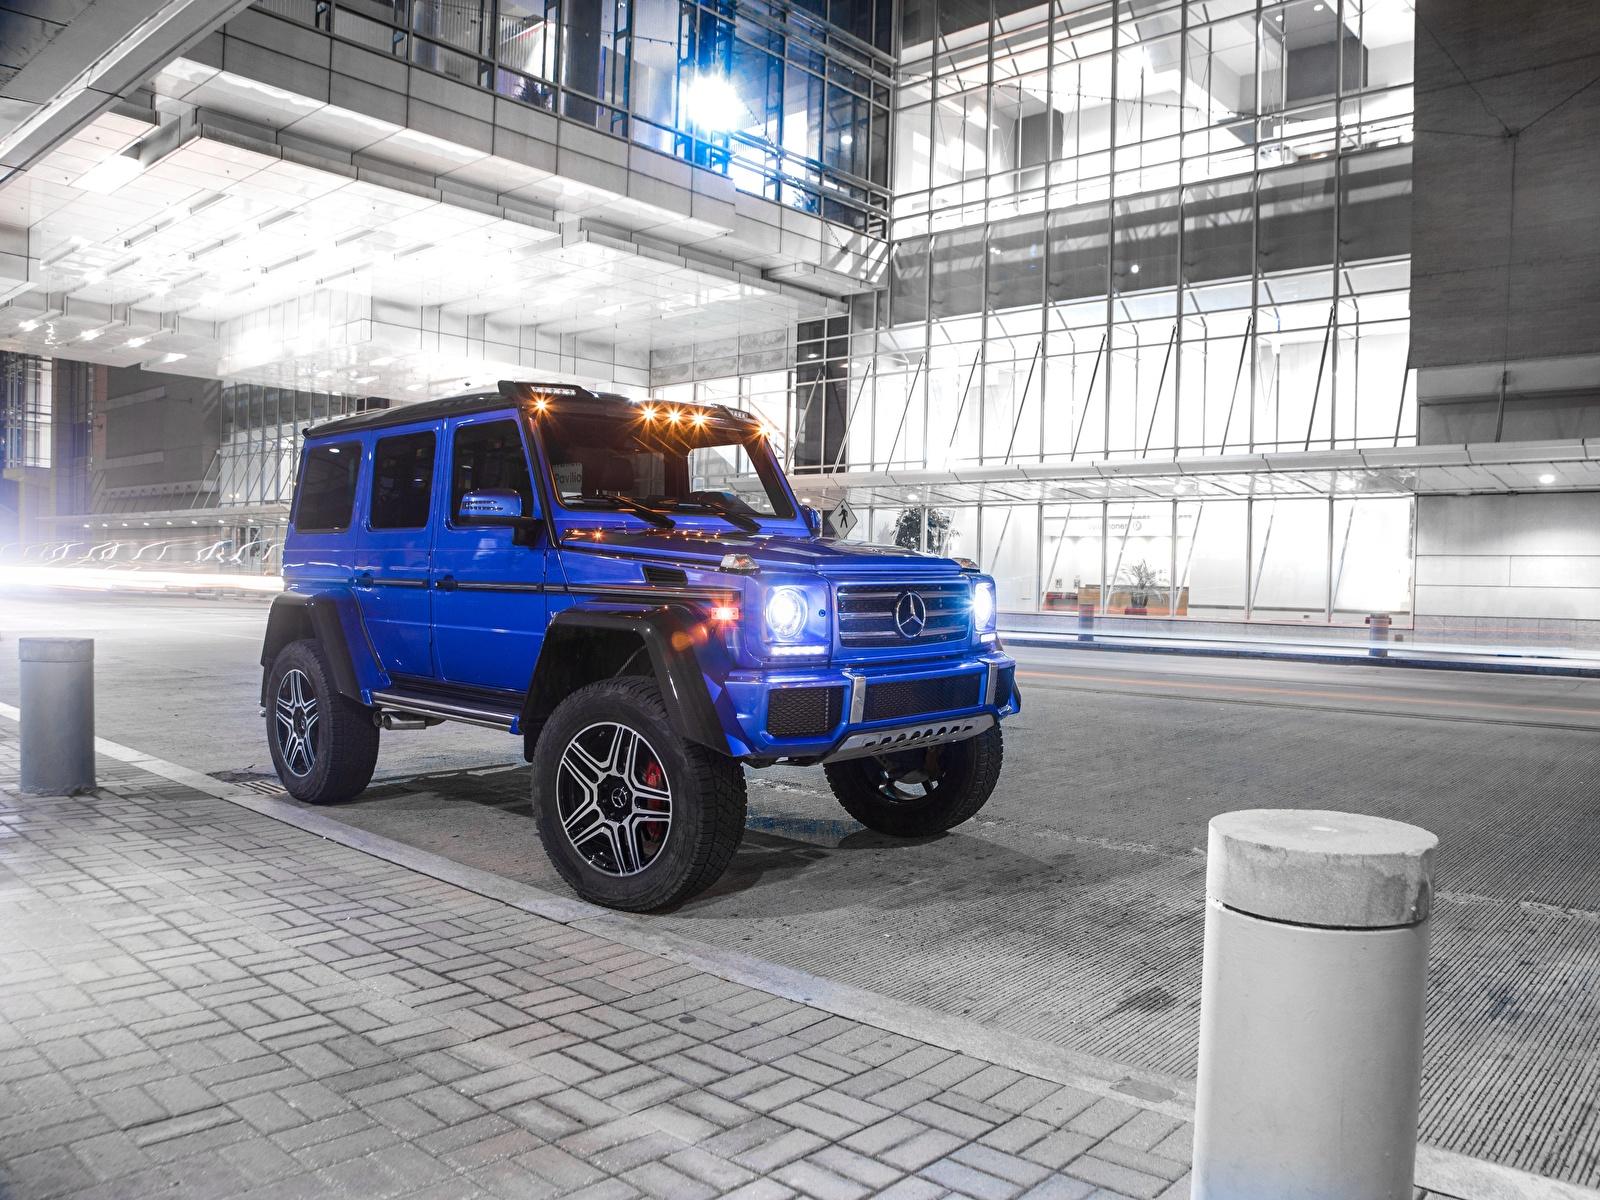 Фотография Мерседес бенц Гелентваген 2017 G 550 4×4² Синий Автомобили 1600x1200 Mercedes-Benz G-класс синих синие синяя авто машина машины автомобиль